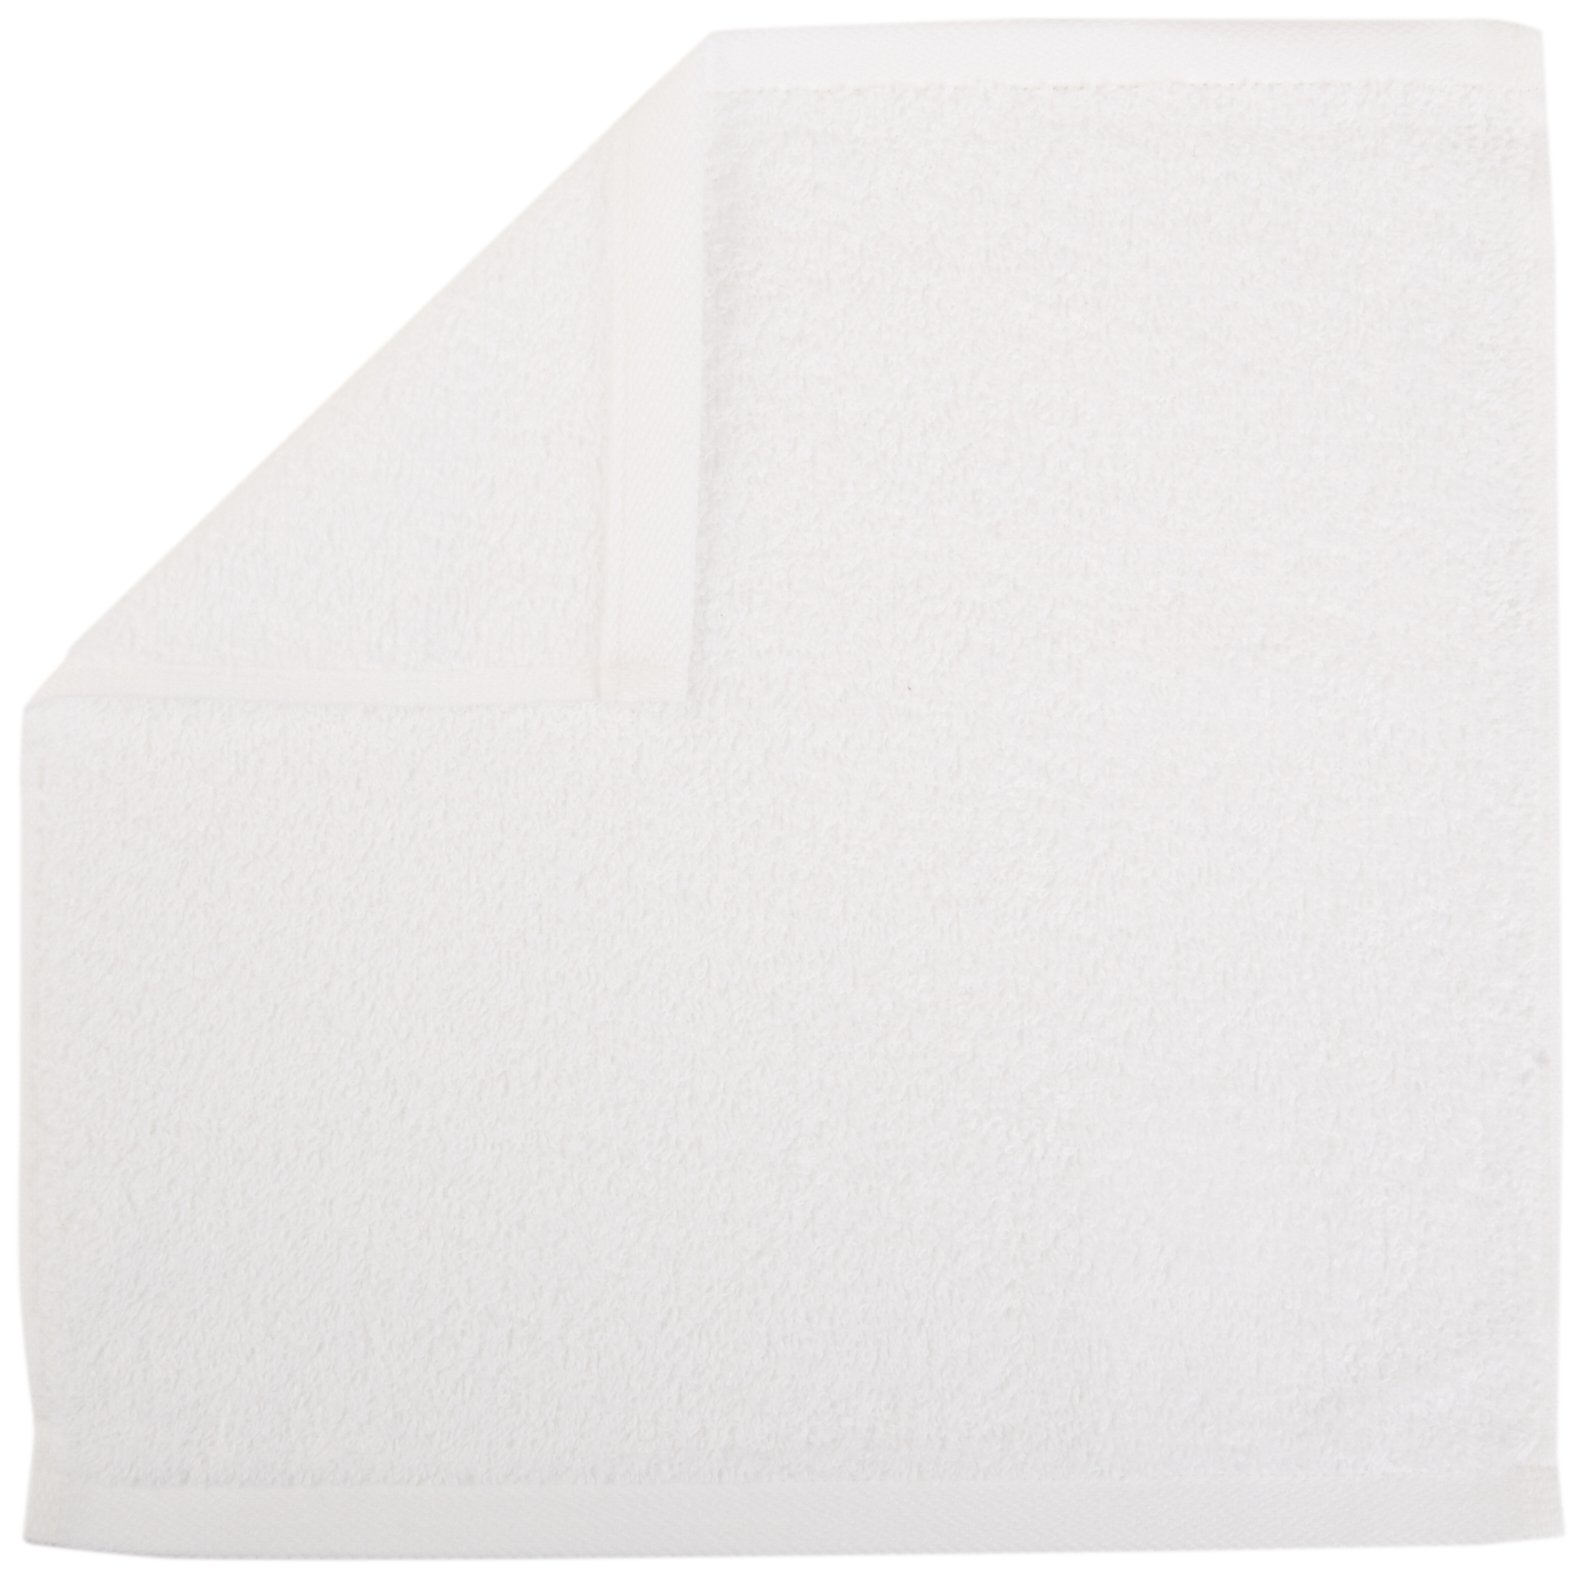 AmazonBasics Cotton Washcloths, 24 - Pack, White by AmazonBasics (Image #2)